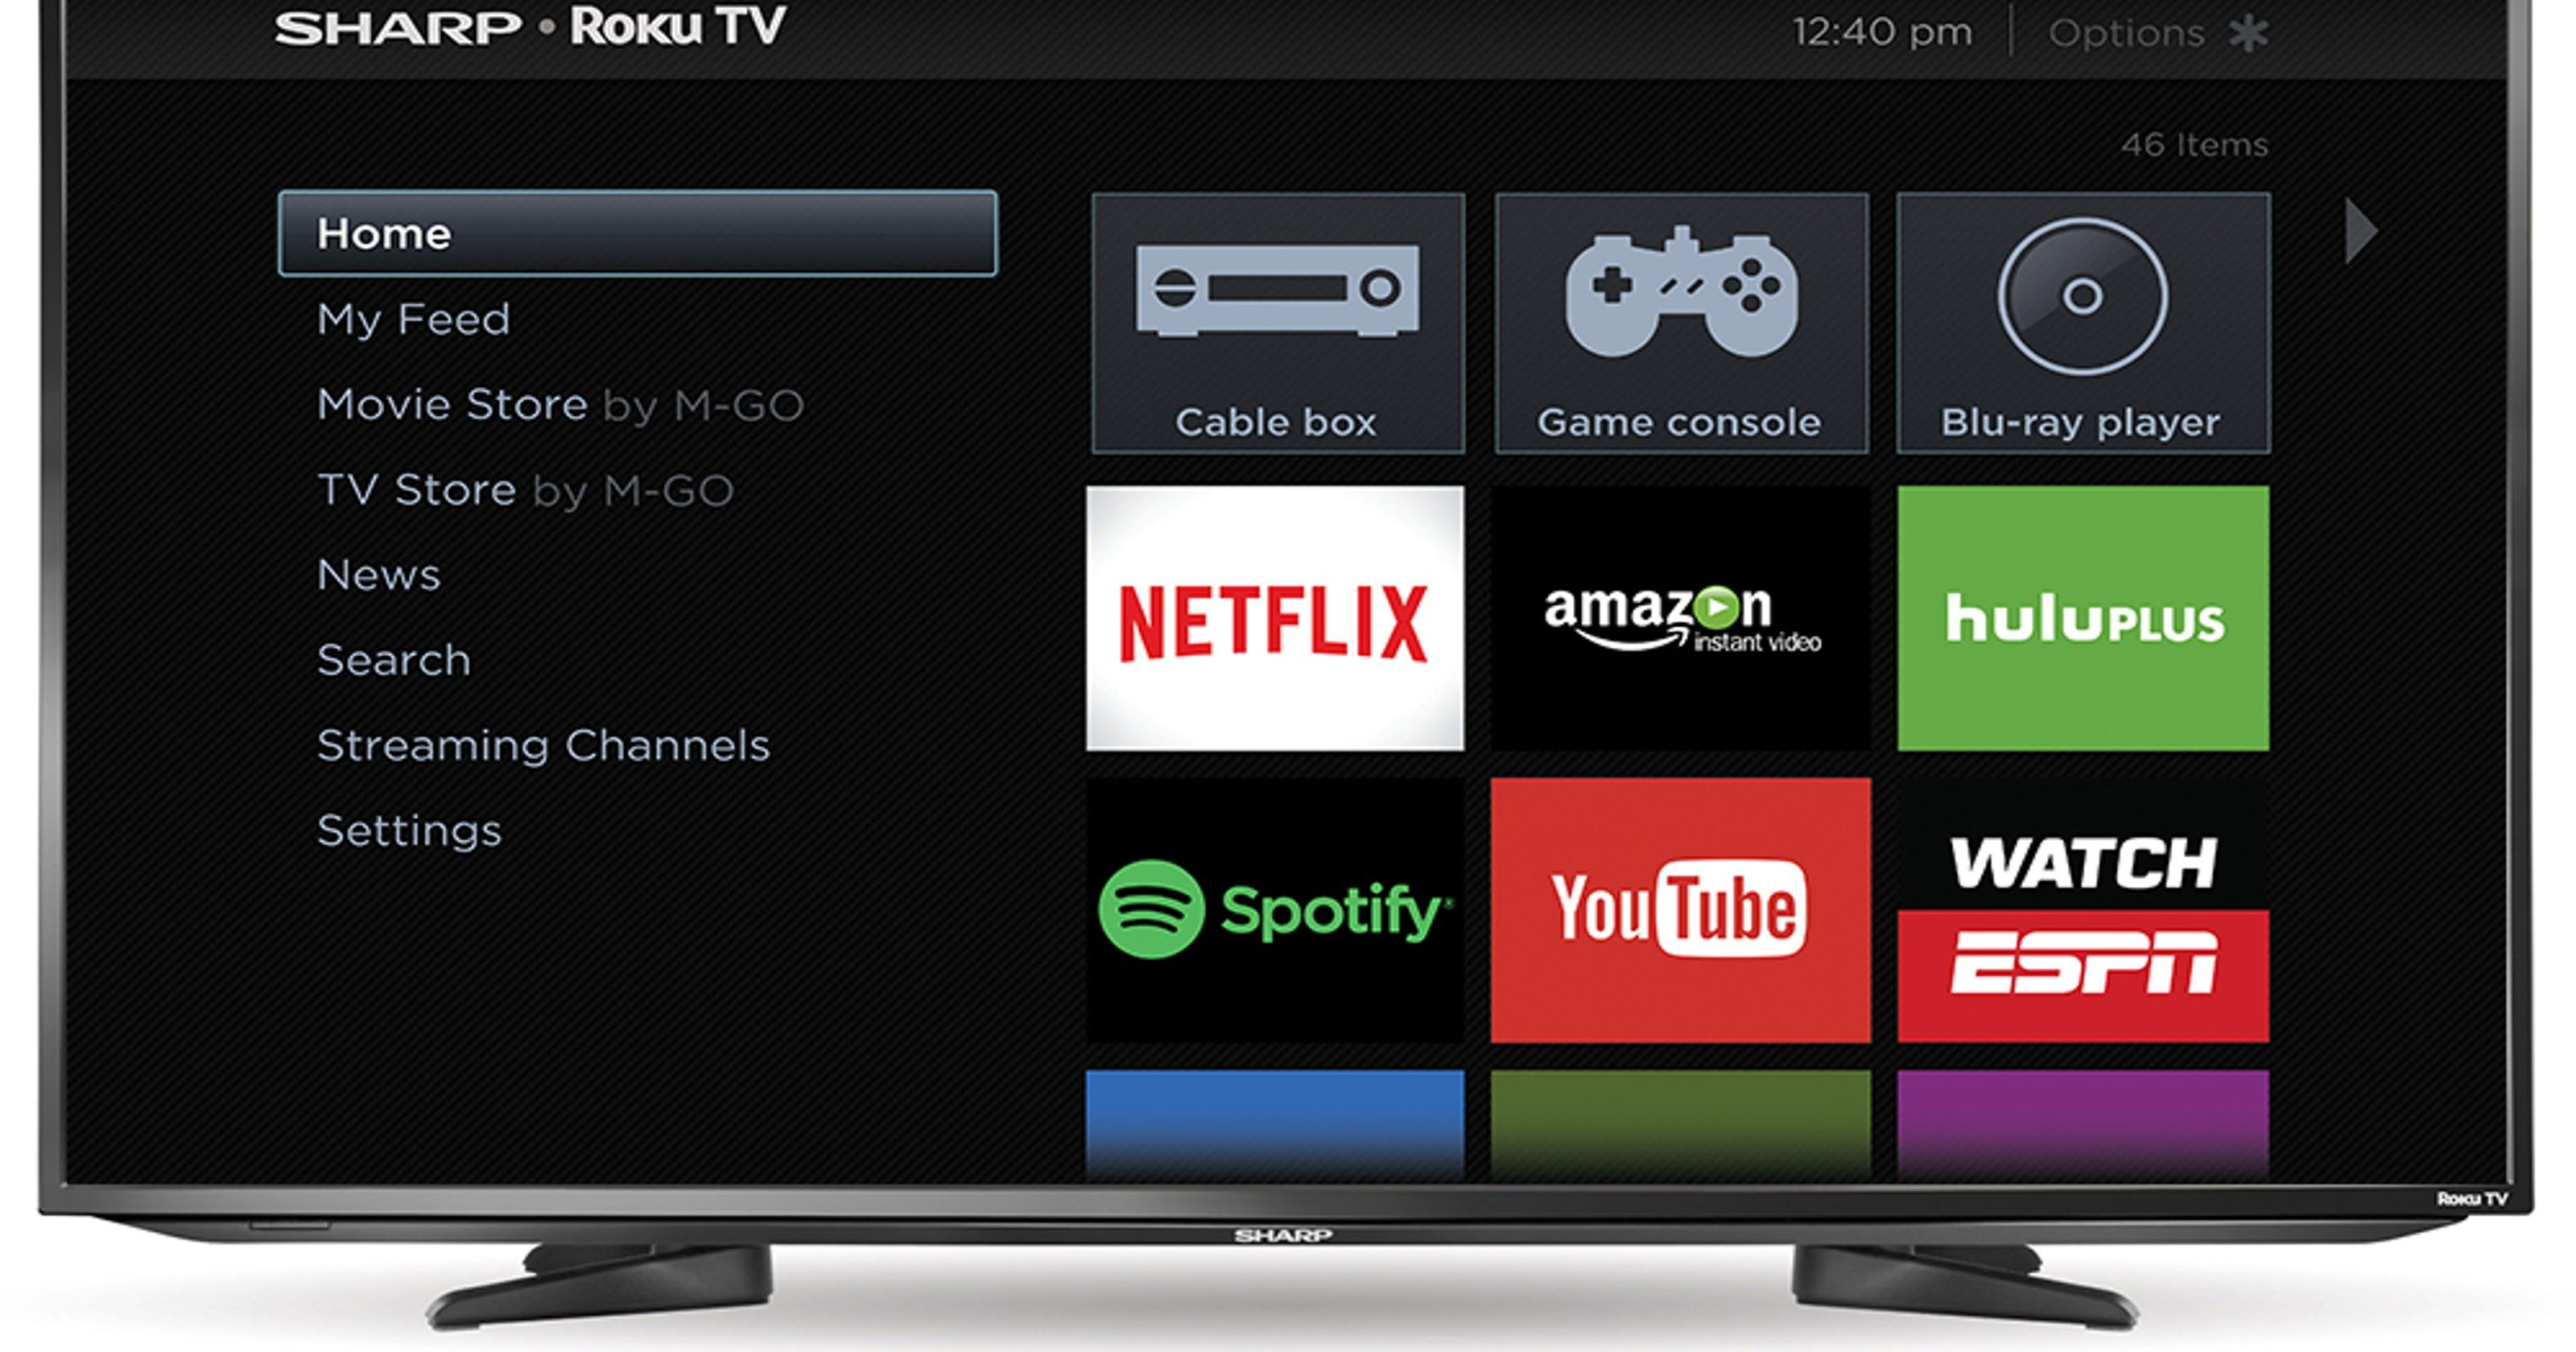 Roku expands lineup of custom TVs, adds Sharp